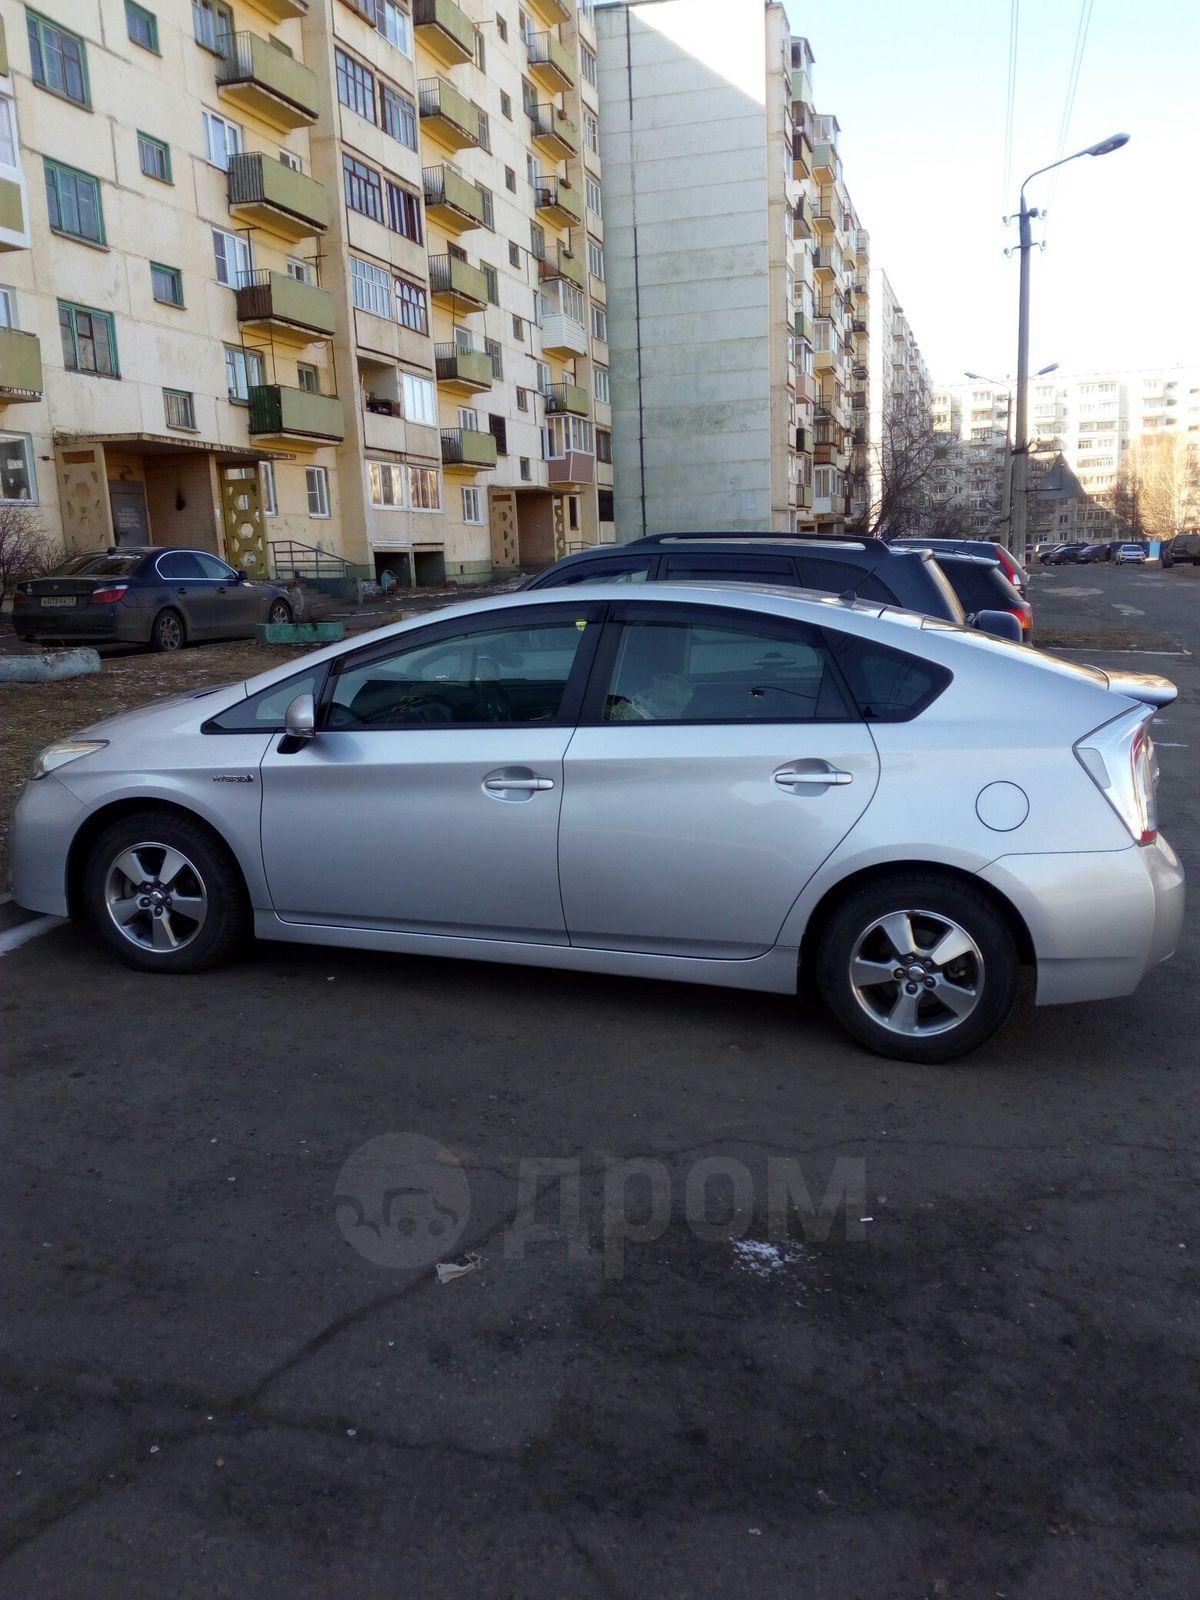 Toyota, prius в, иркутской области, невысокие цены на, тойота, приус